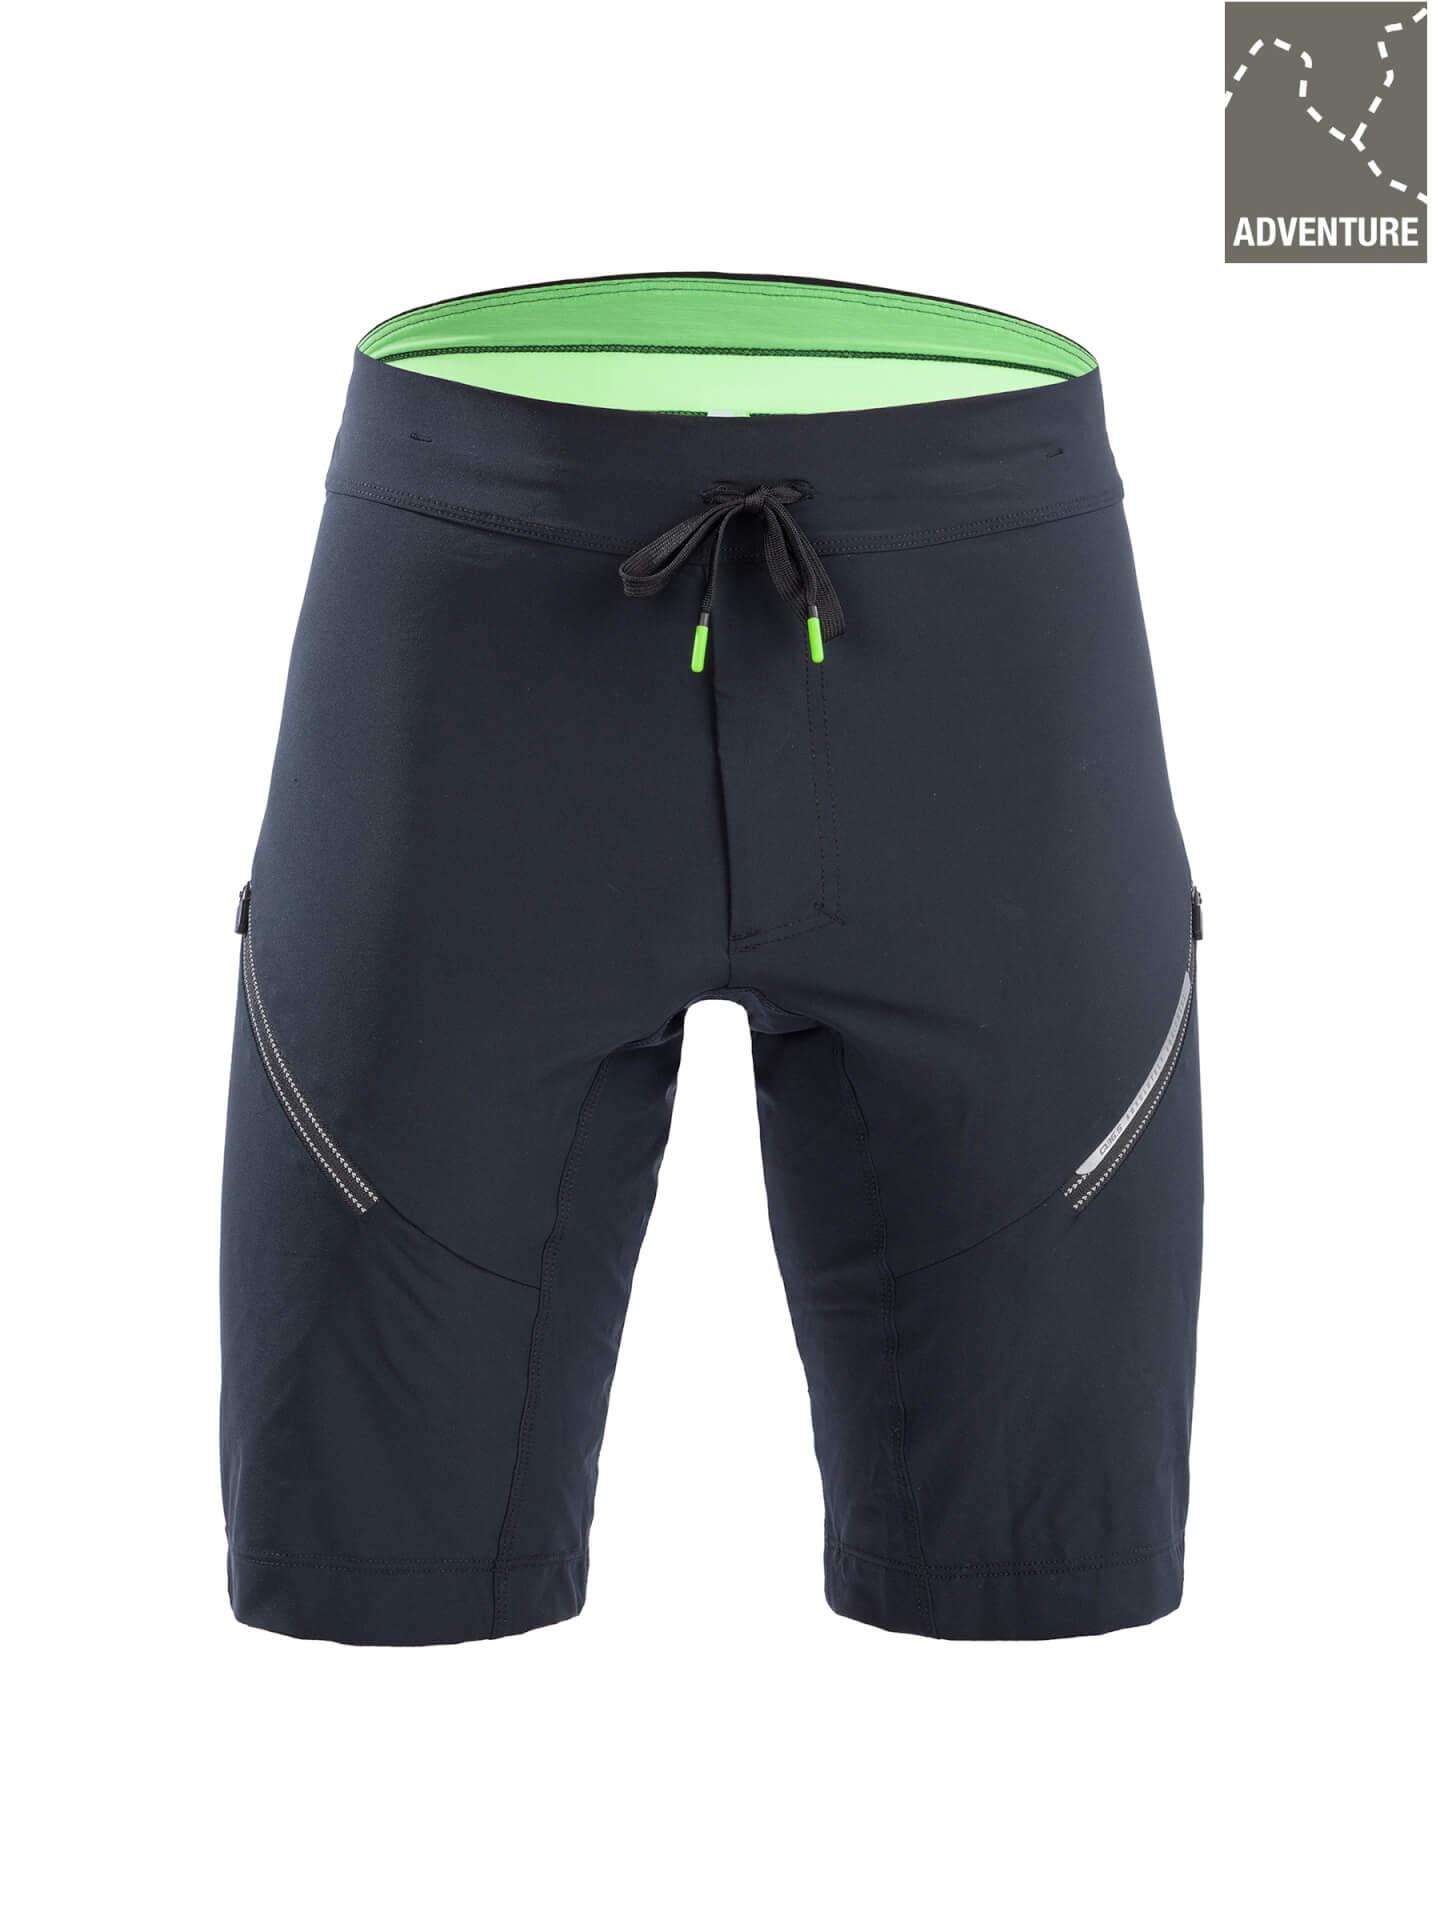 mens cycling shorts baggy